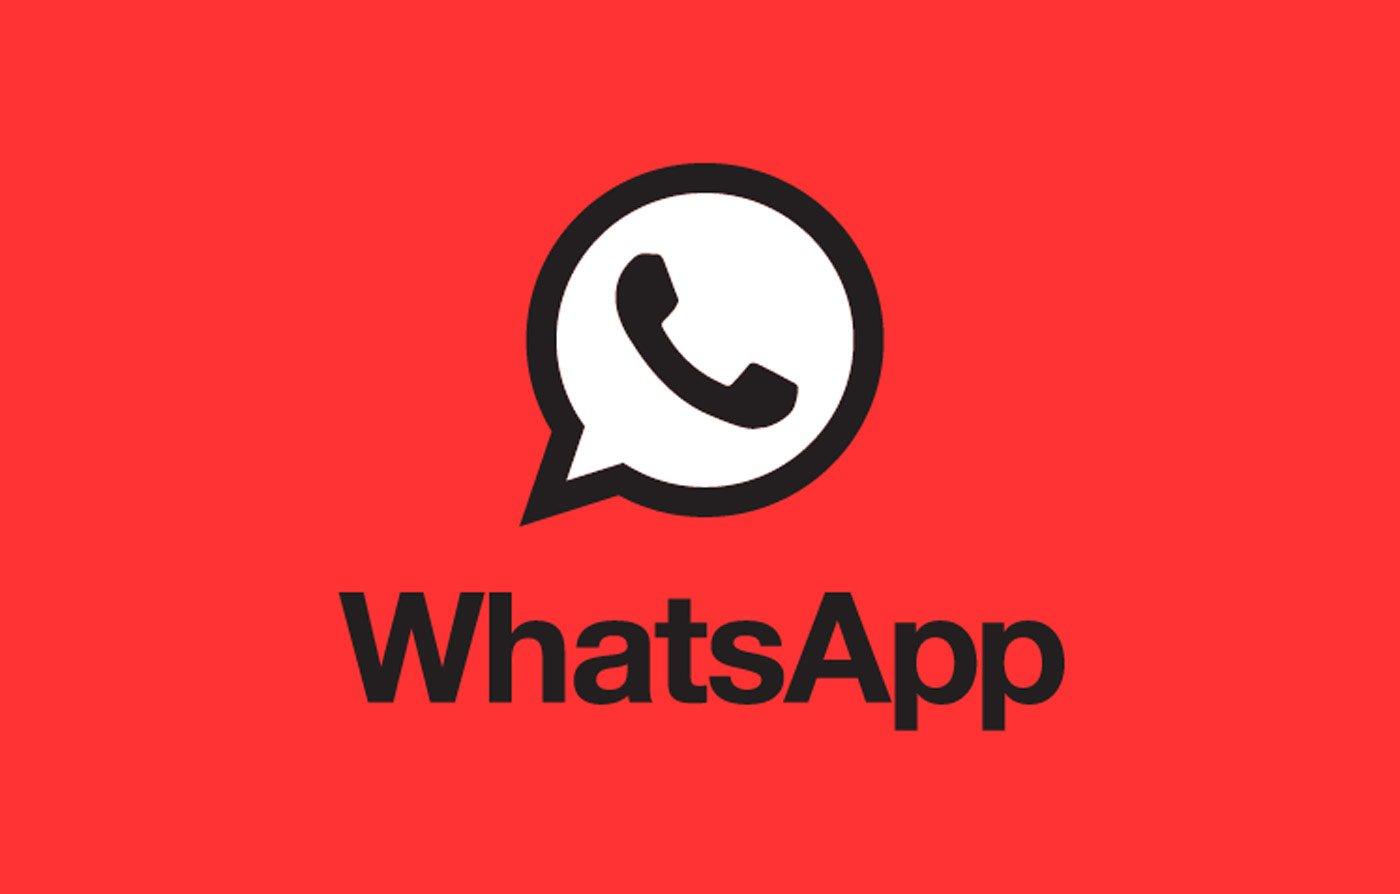 iOS 8 WhatsApp Abstürze, Bugs und Fehler beheben 1